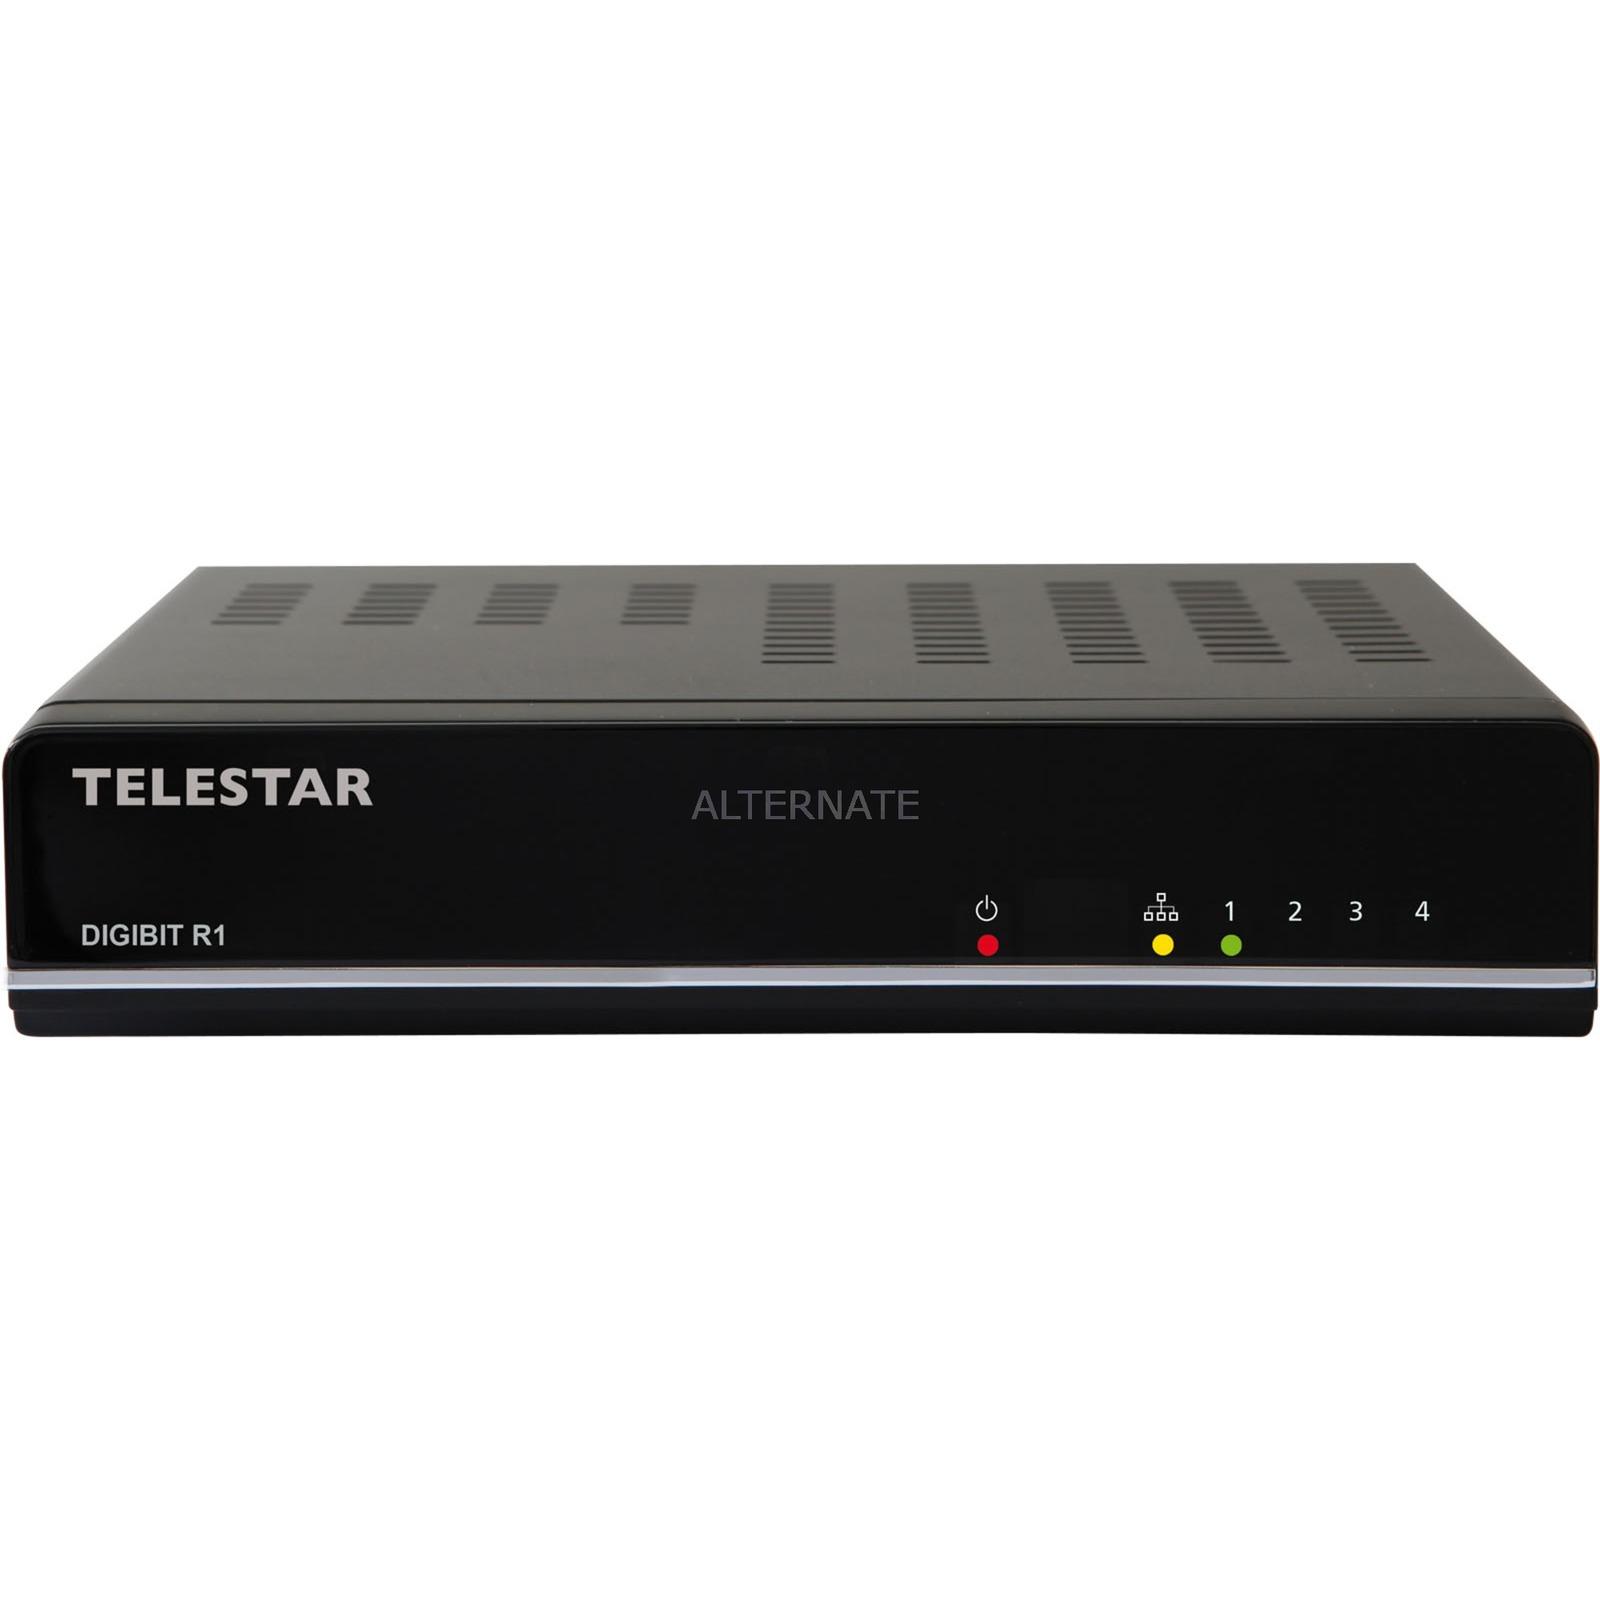 DIGIBIT R1 AV transmitter Negro, Receptor de satélite